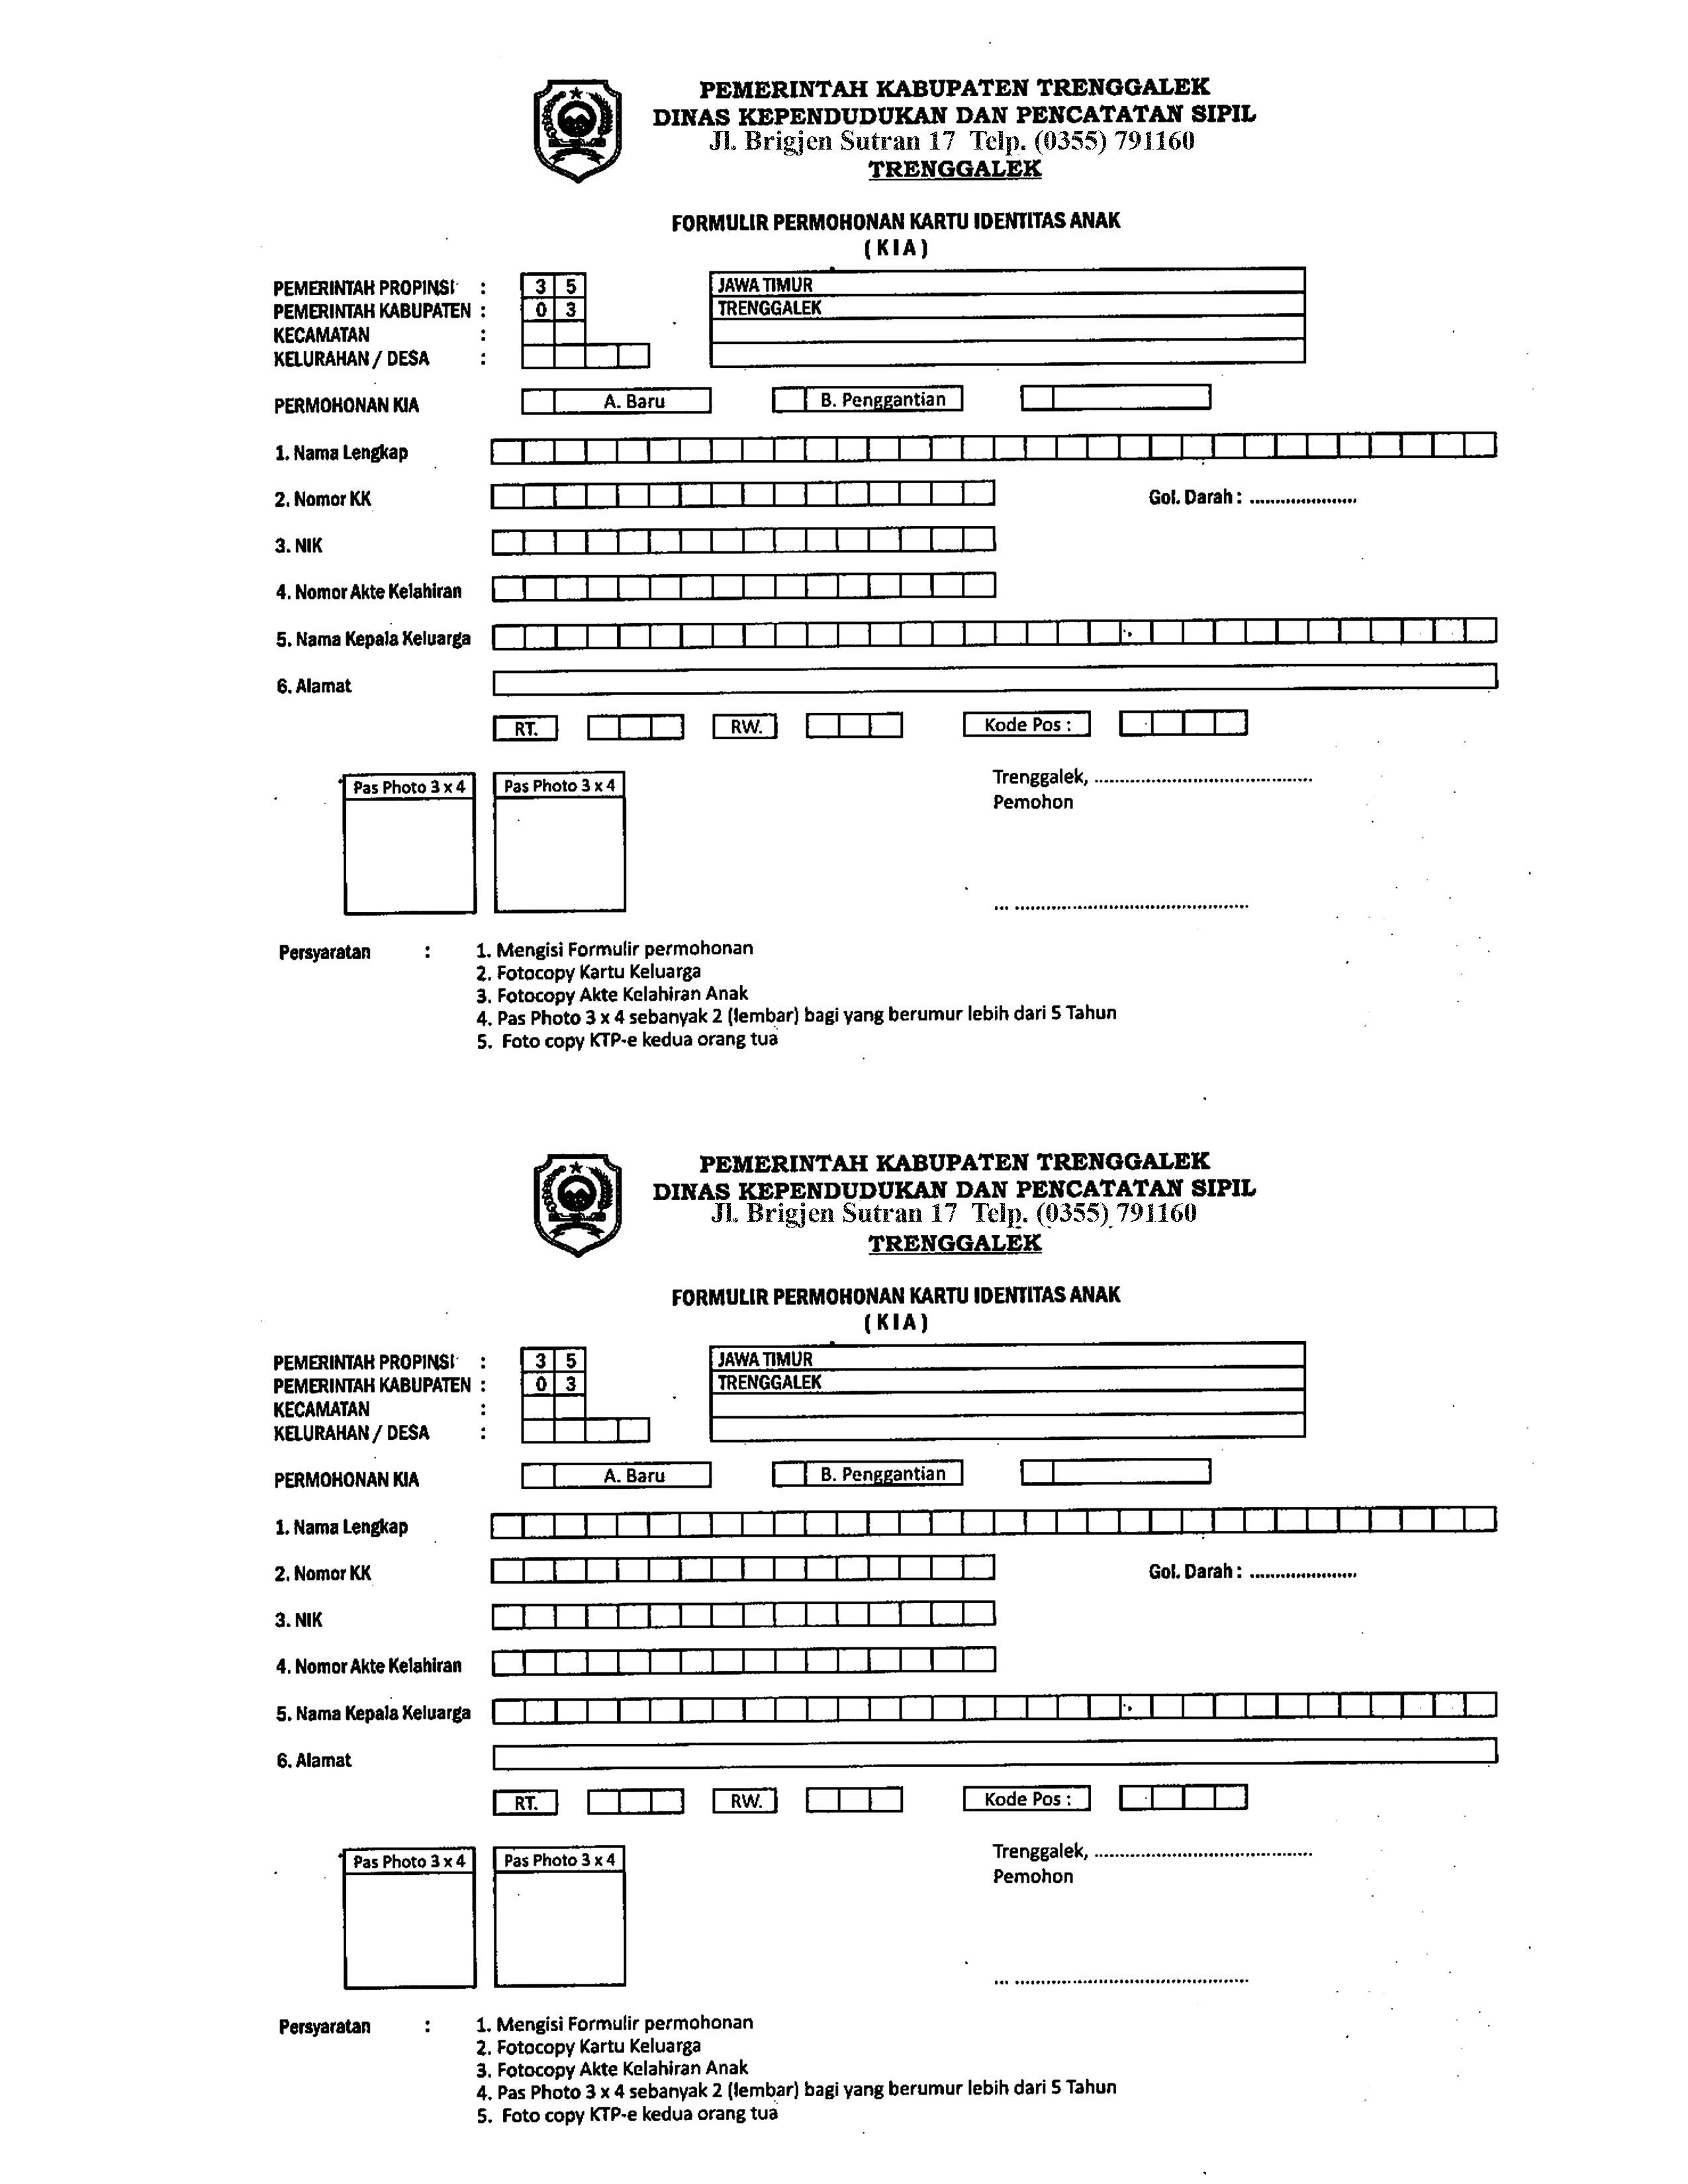 formulir permohonan kia  u2013 dinas kependudukan dan